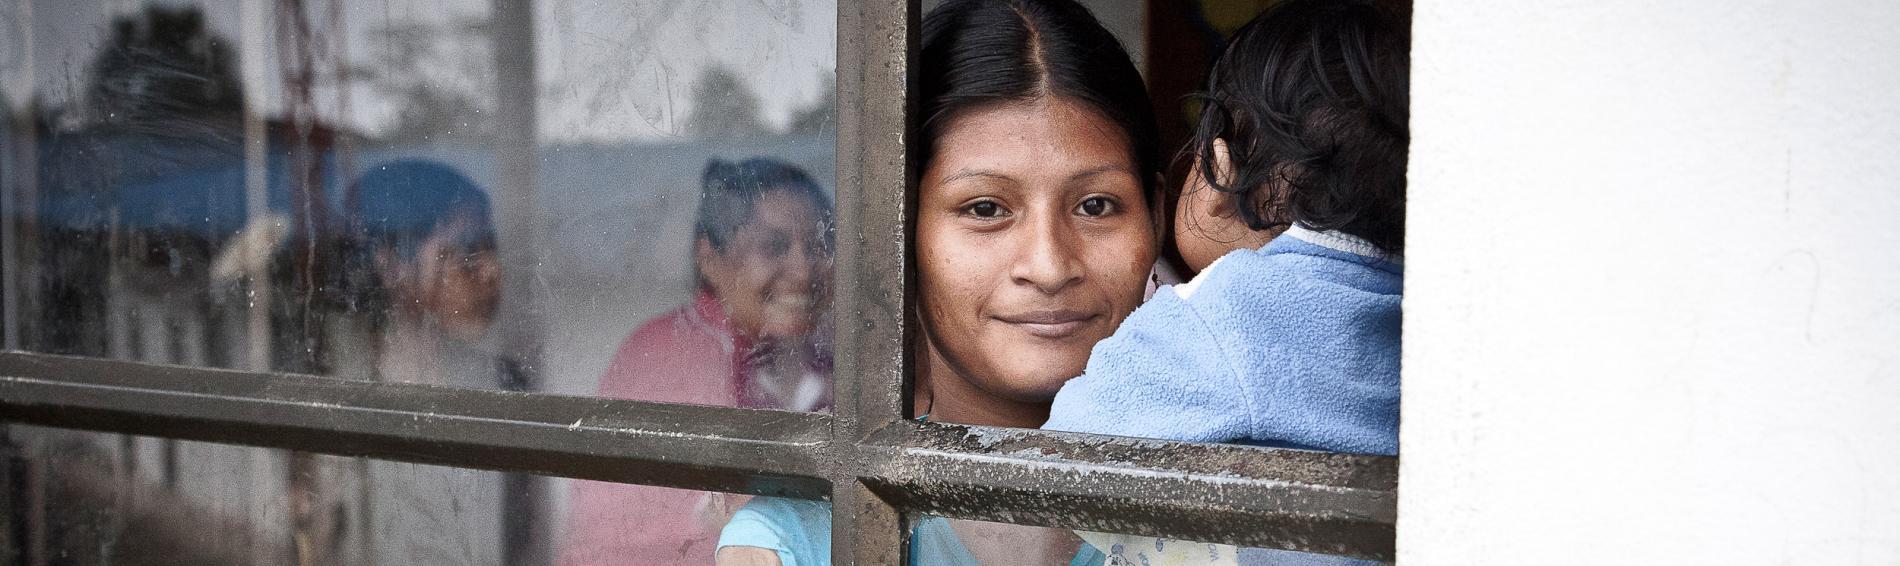 Maria, 34 Jahre alt. Foto: Ärzte der Welt